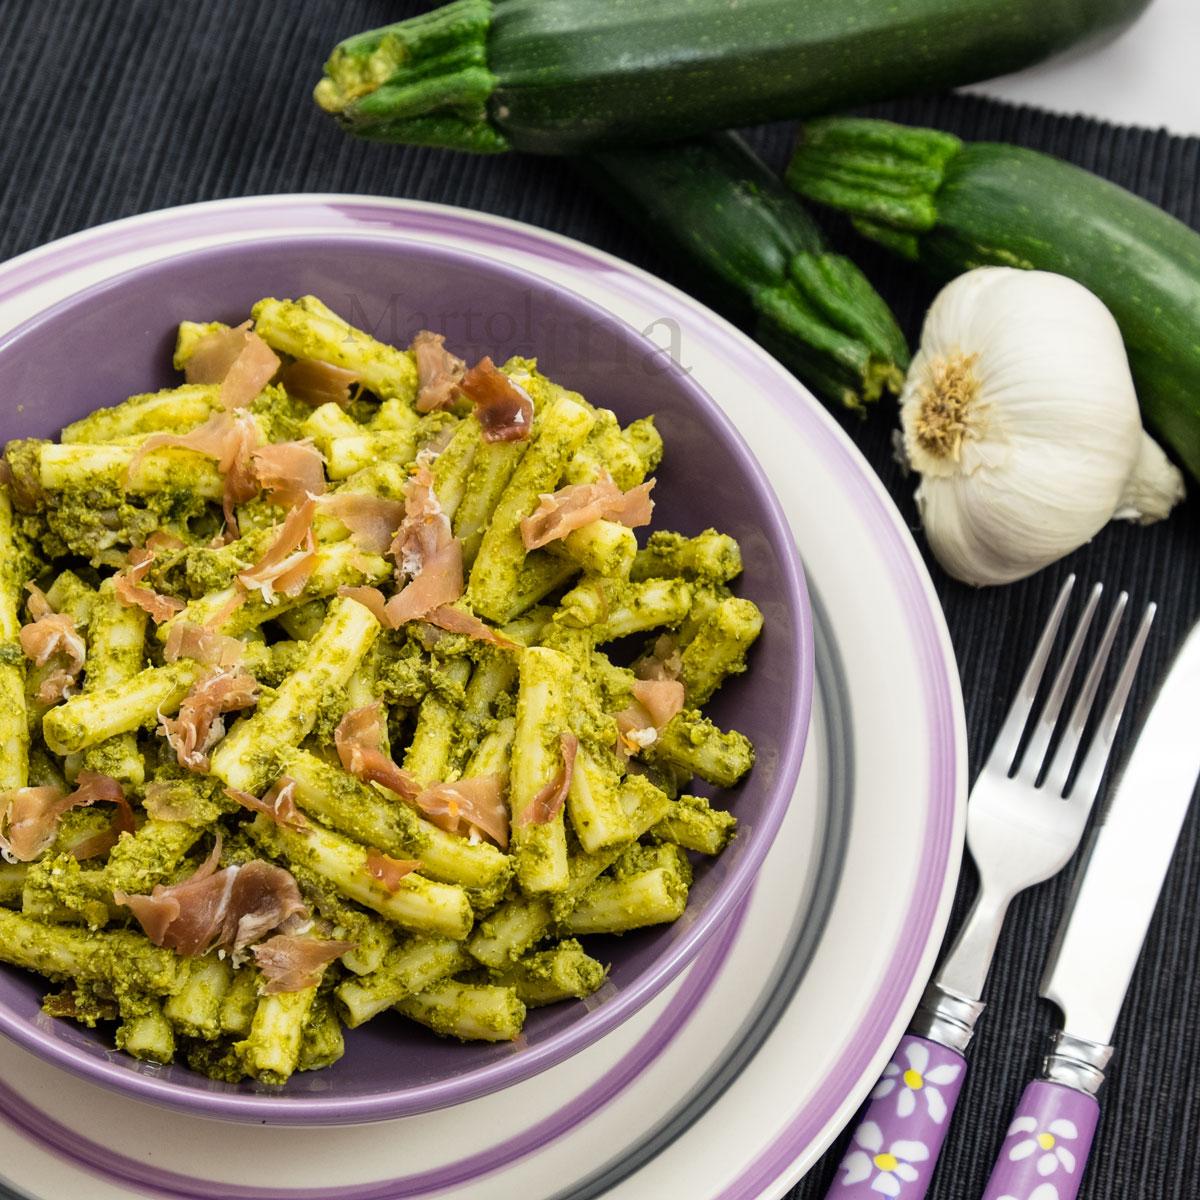 Pasta-al-pesto-di-zucchine-prosciutto-crudo-B-1200x1200